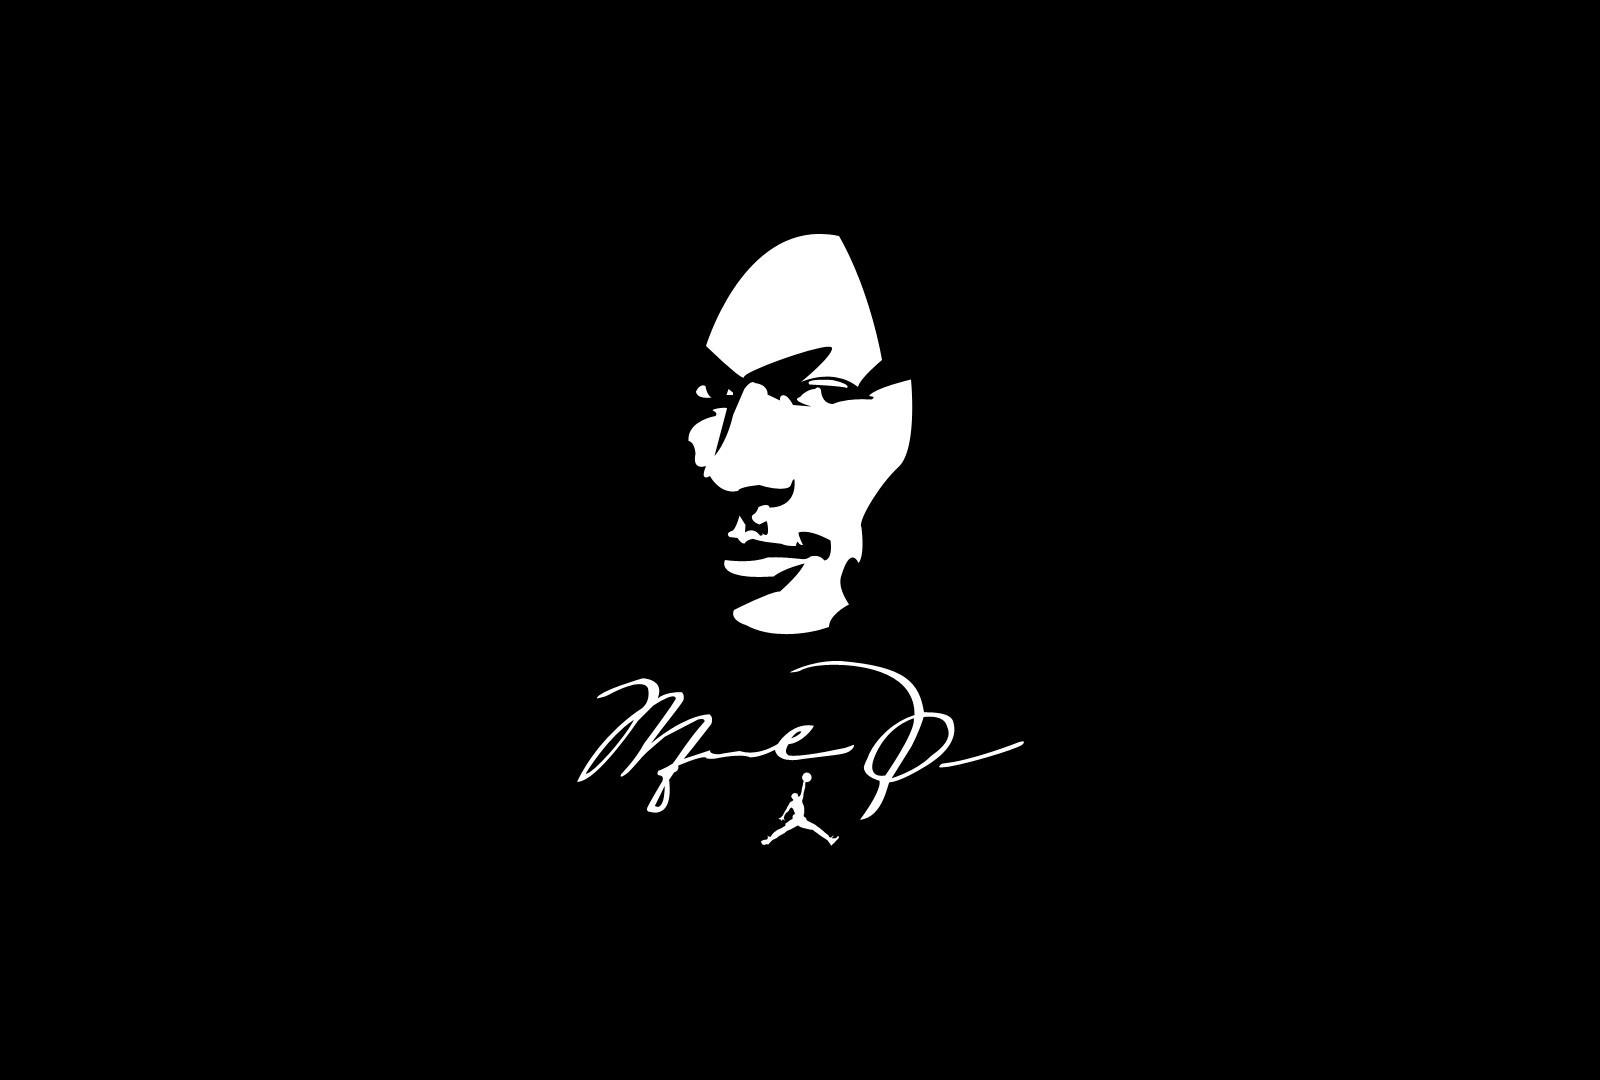 Wallpaper : illustration, silhouette, logo, brand, Michael Jordan